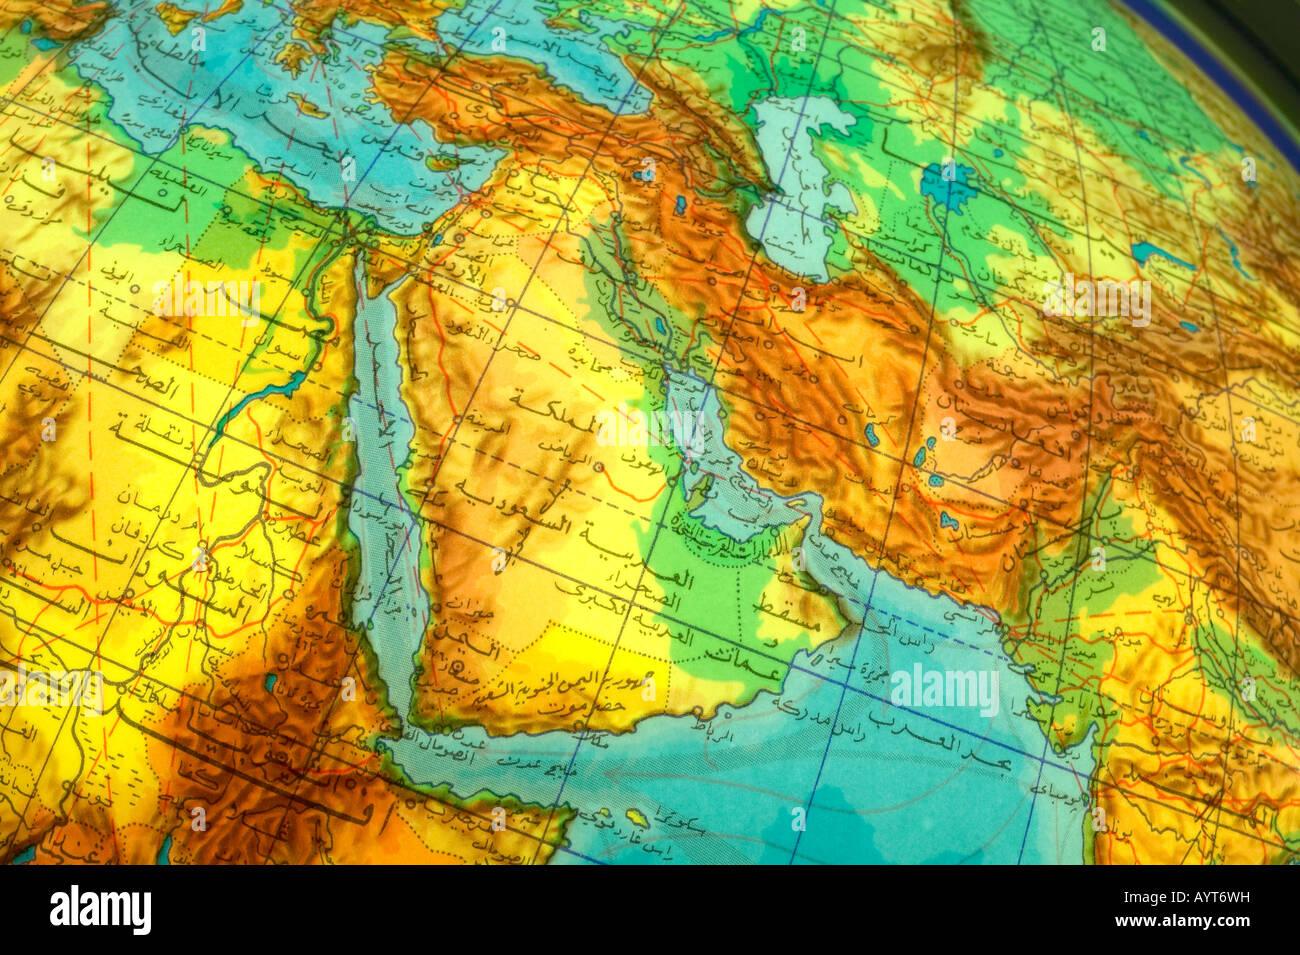 Part of world globe written in Arabic Middle East Region - Stock Image